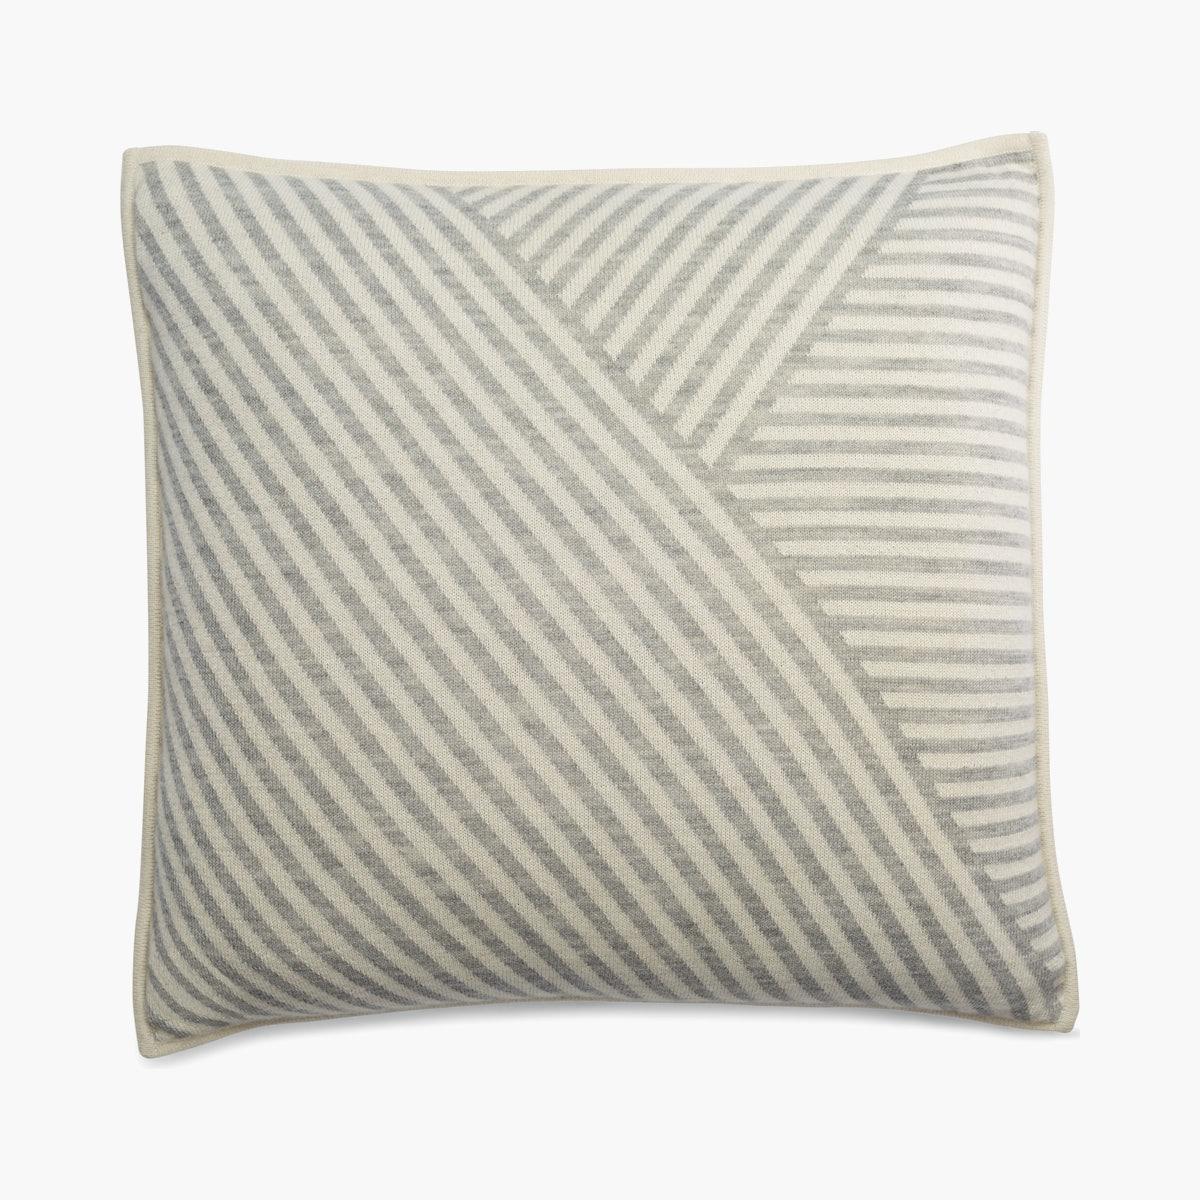 Fells Pillow